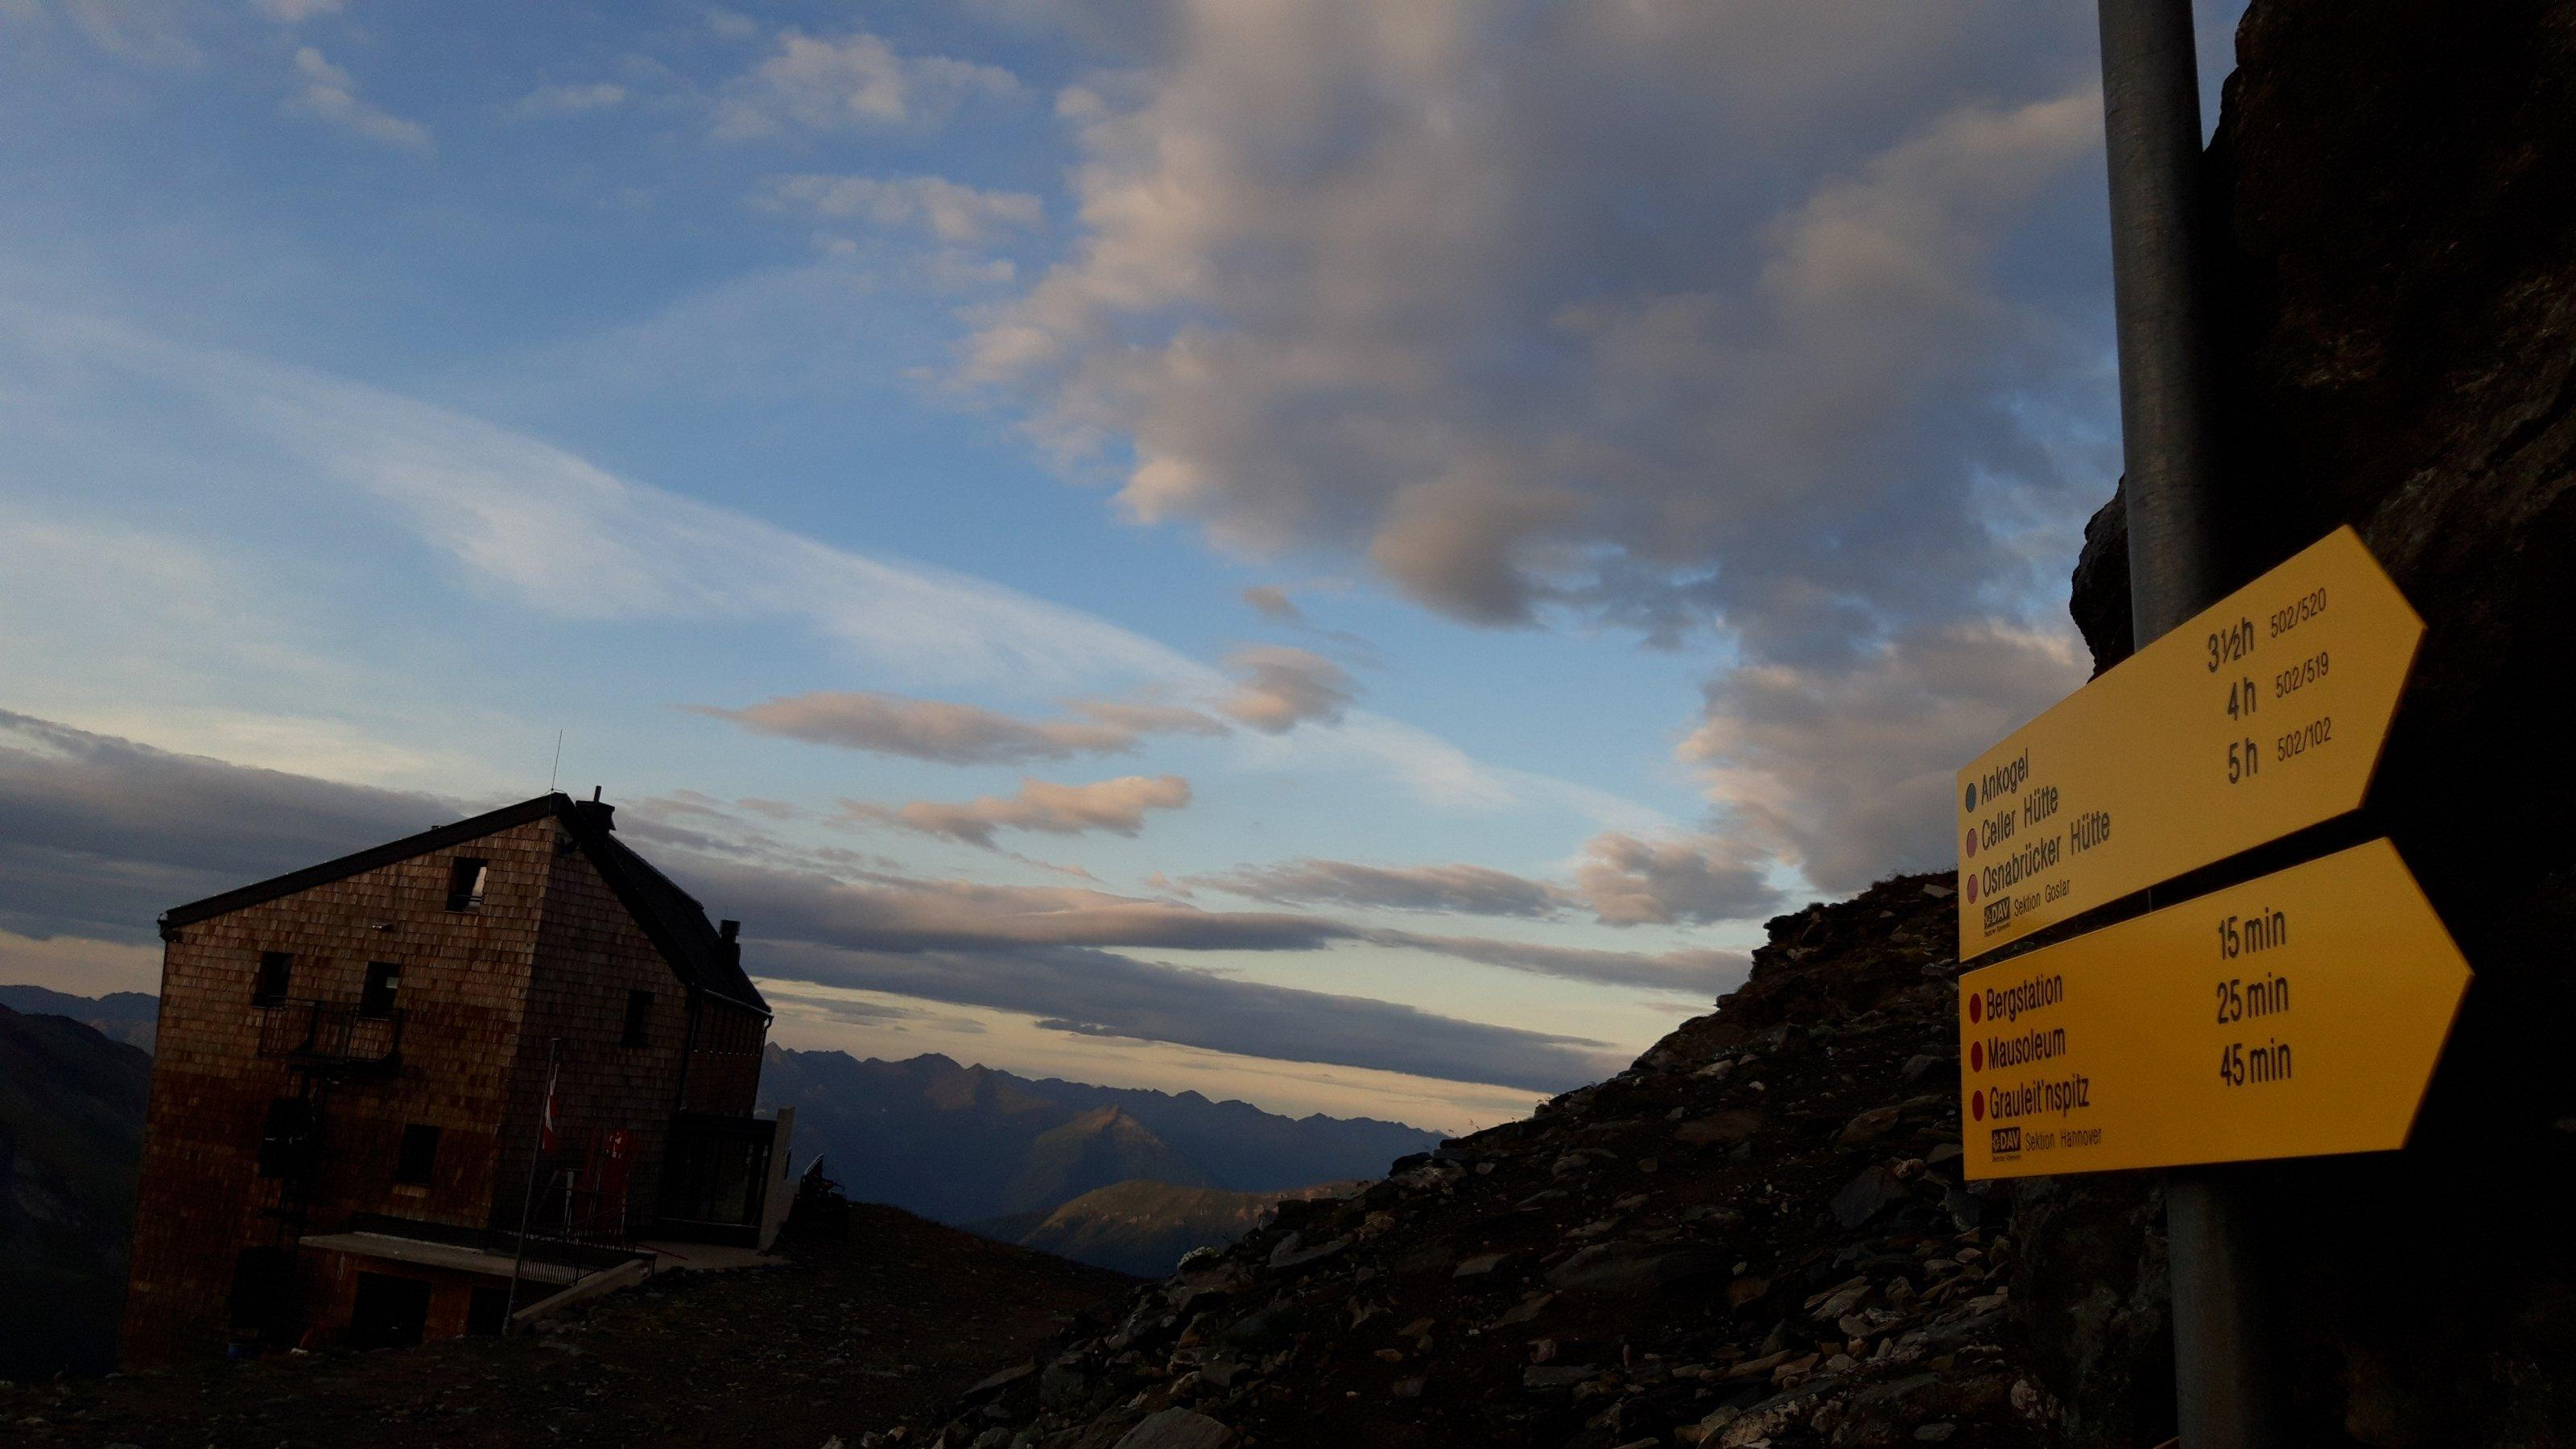 Alpenvereinshütte mit Wegweisern